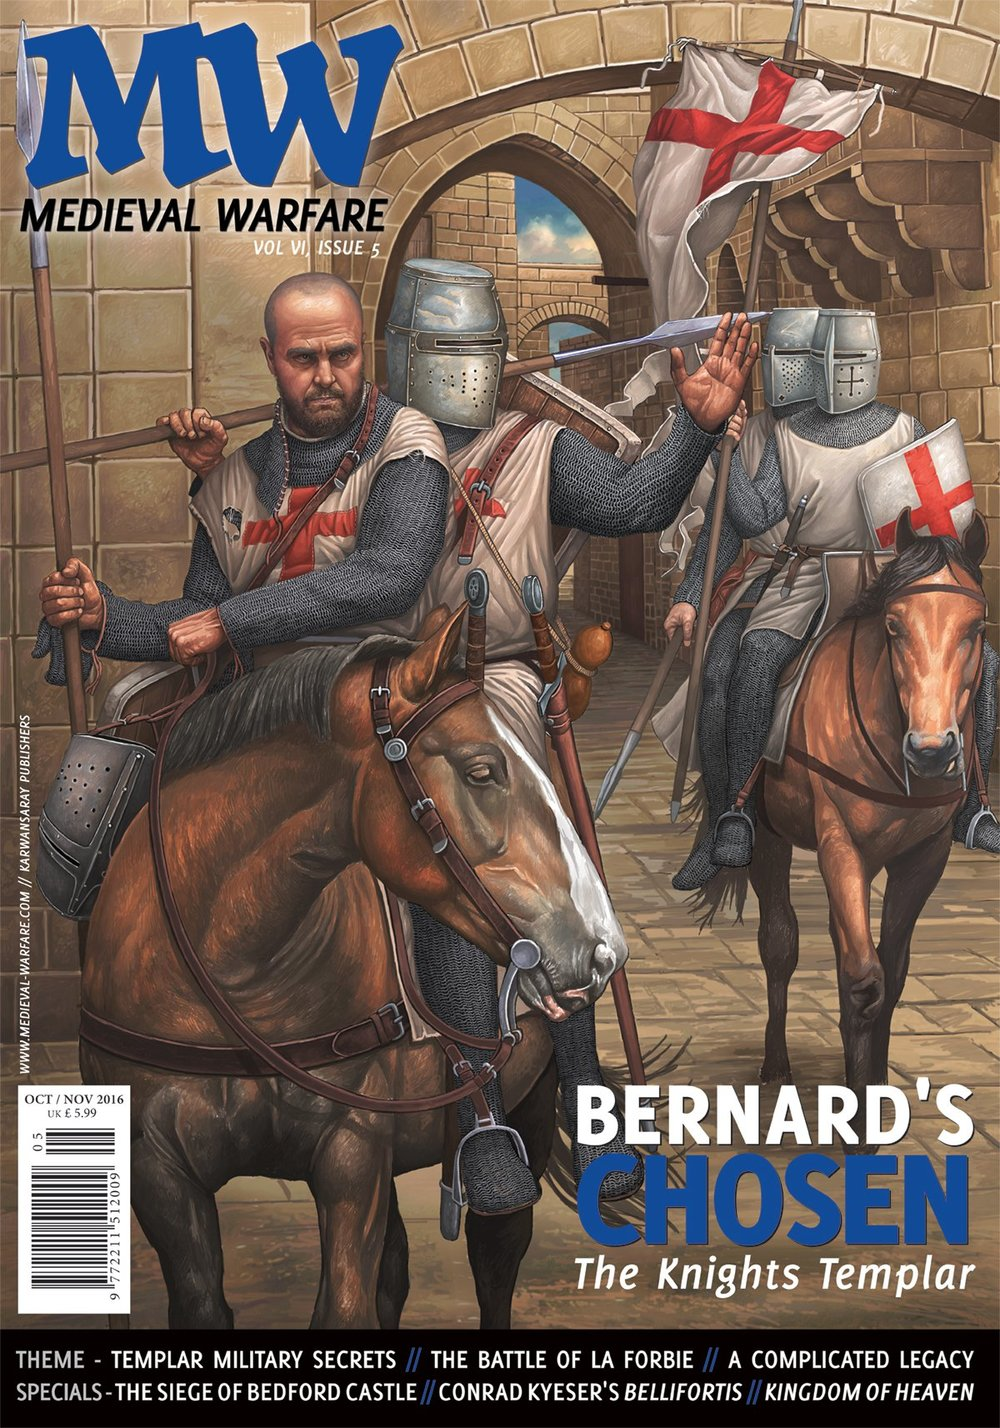 Medieval Warfare VI.5